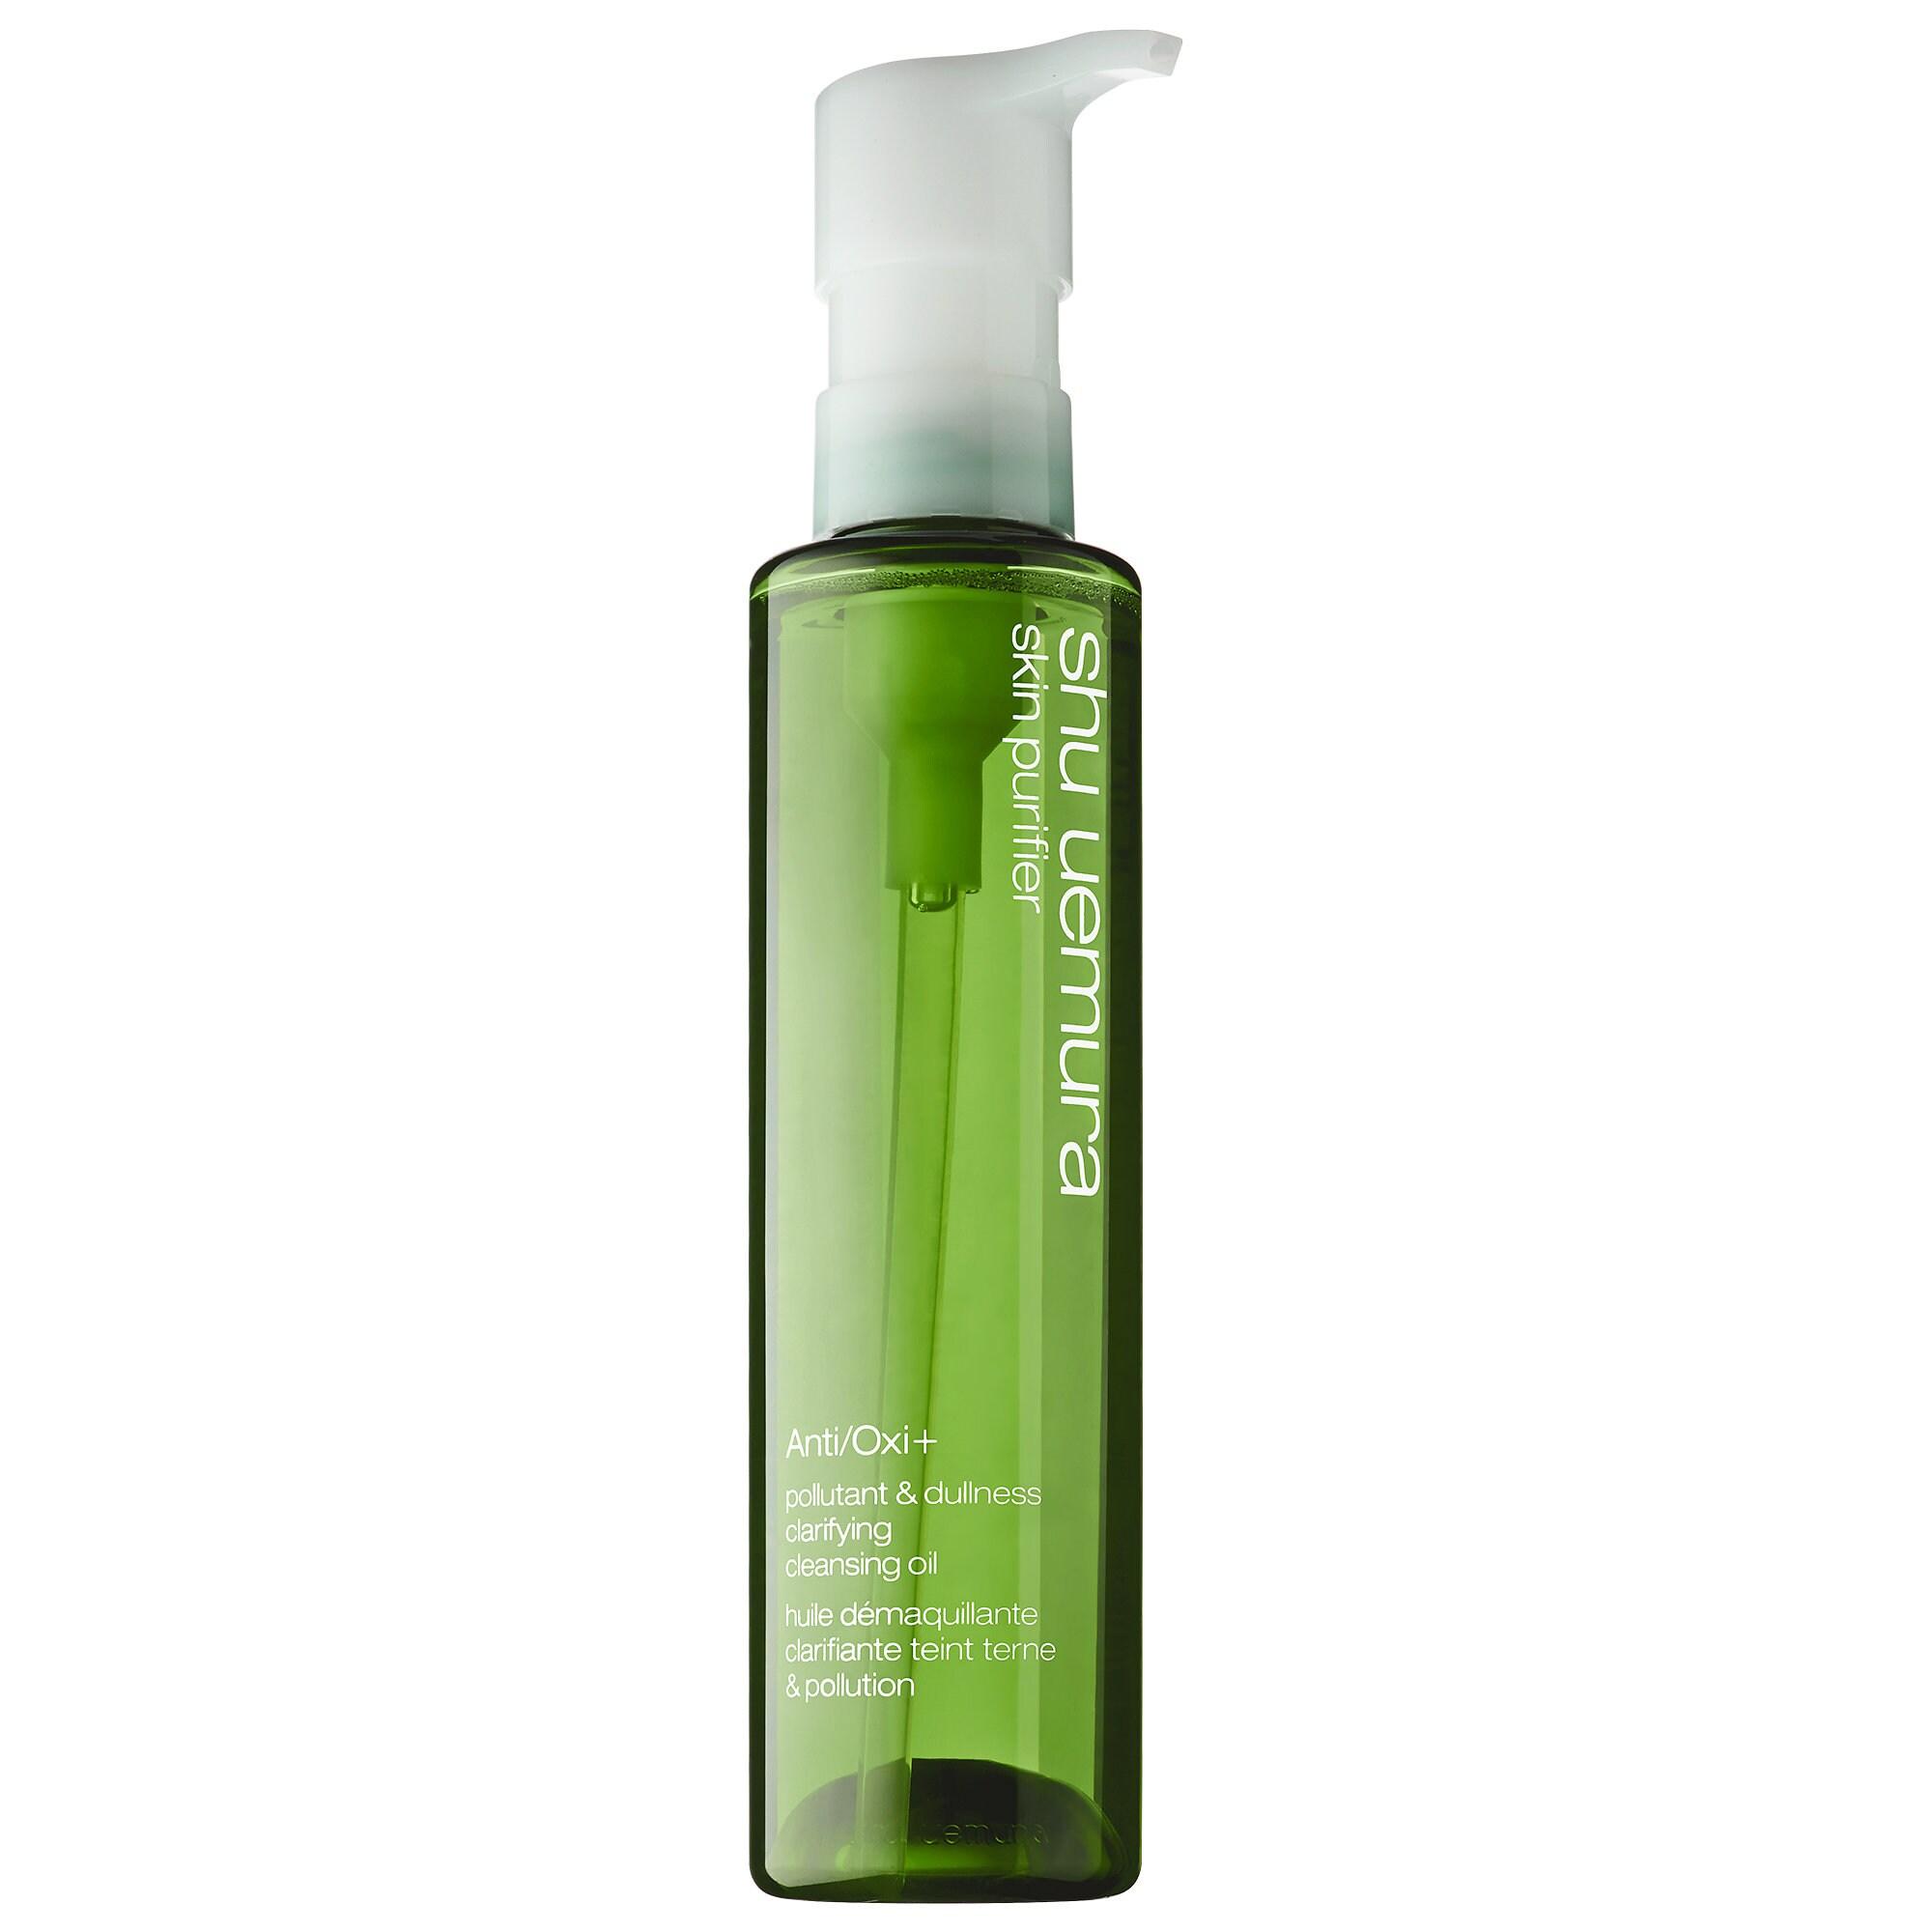 Shu Uemura - Anti/Oxi Skin Refining Cleansing Oil